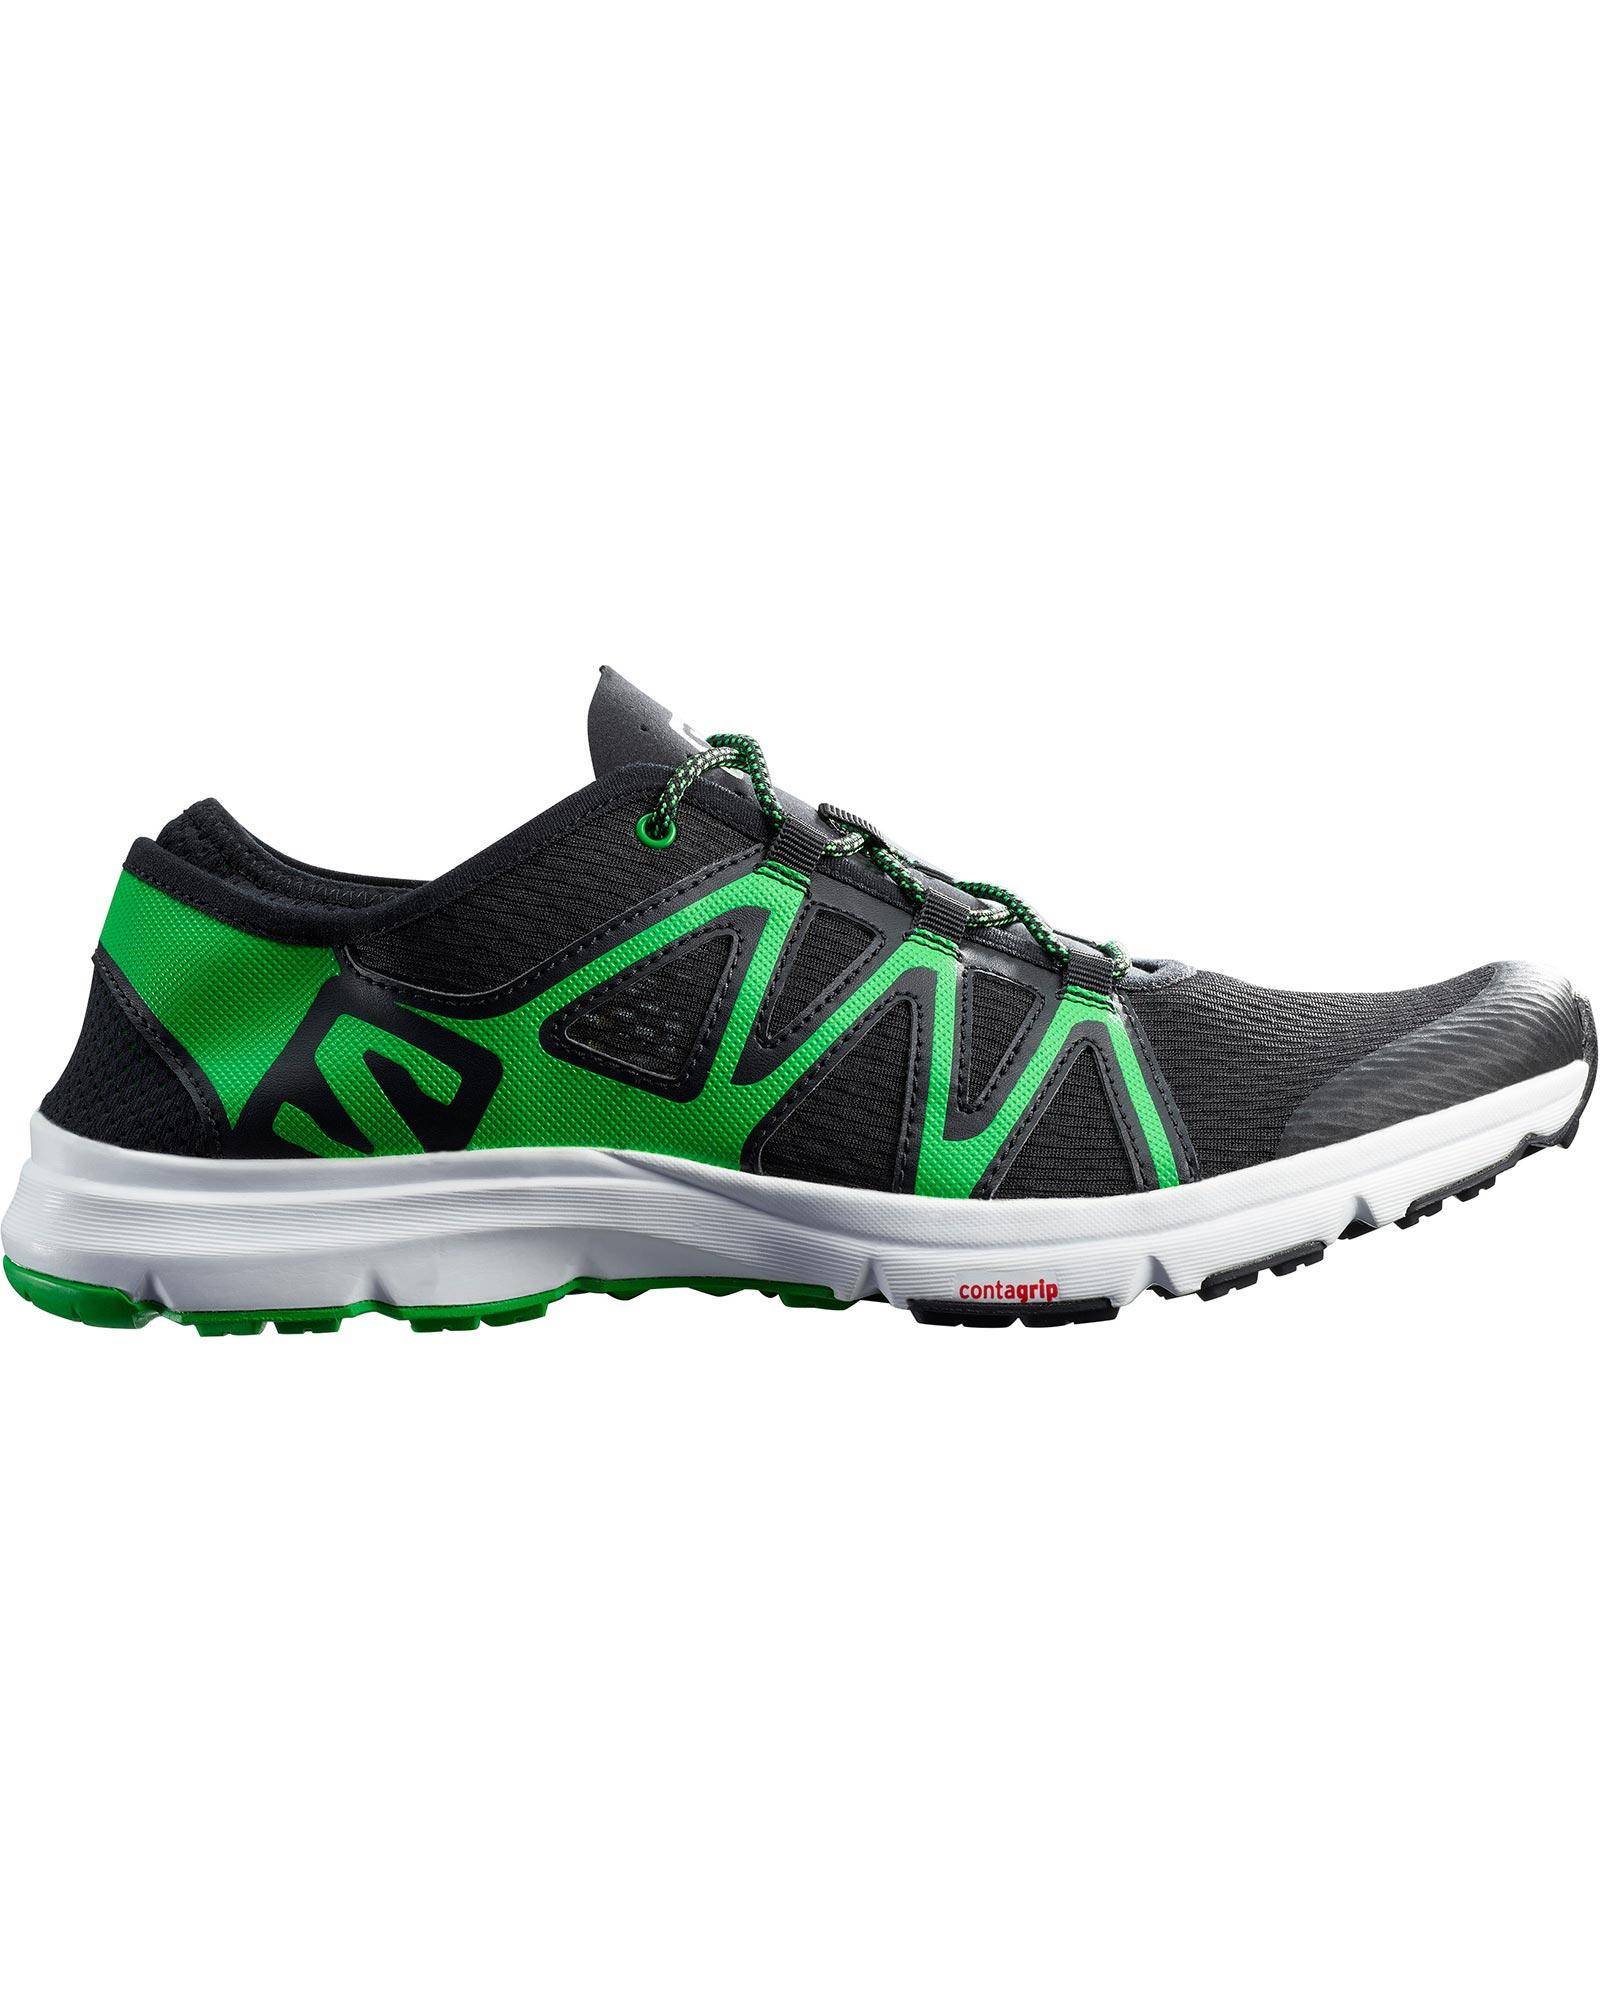 Salomon Crossamphibian Swift Men's Shoes 0